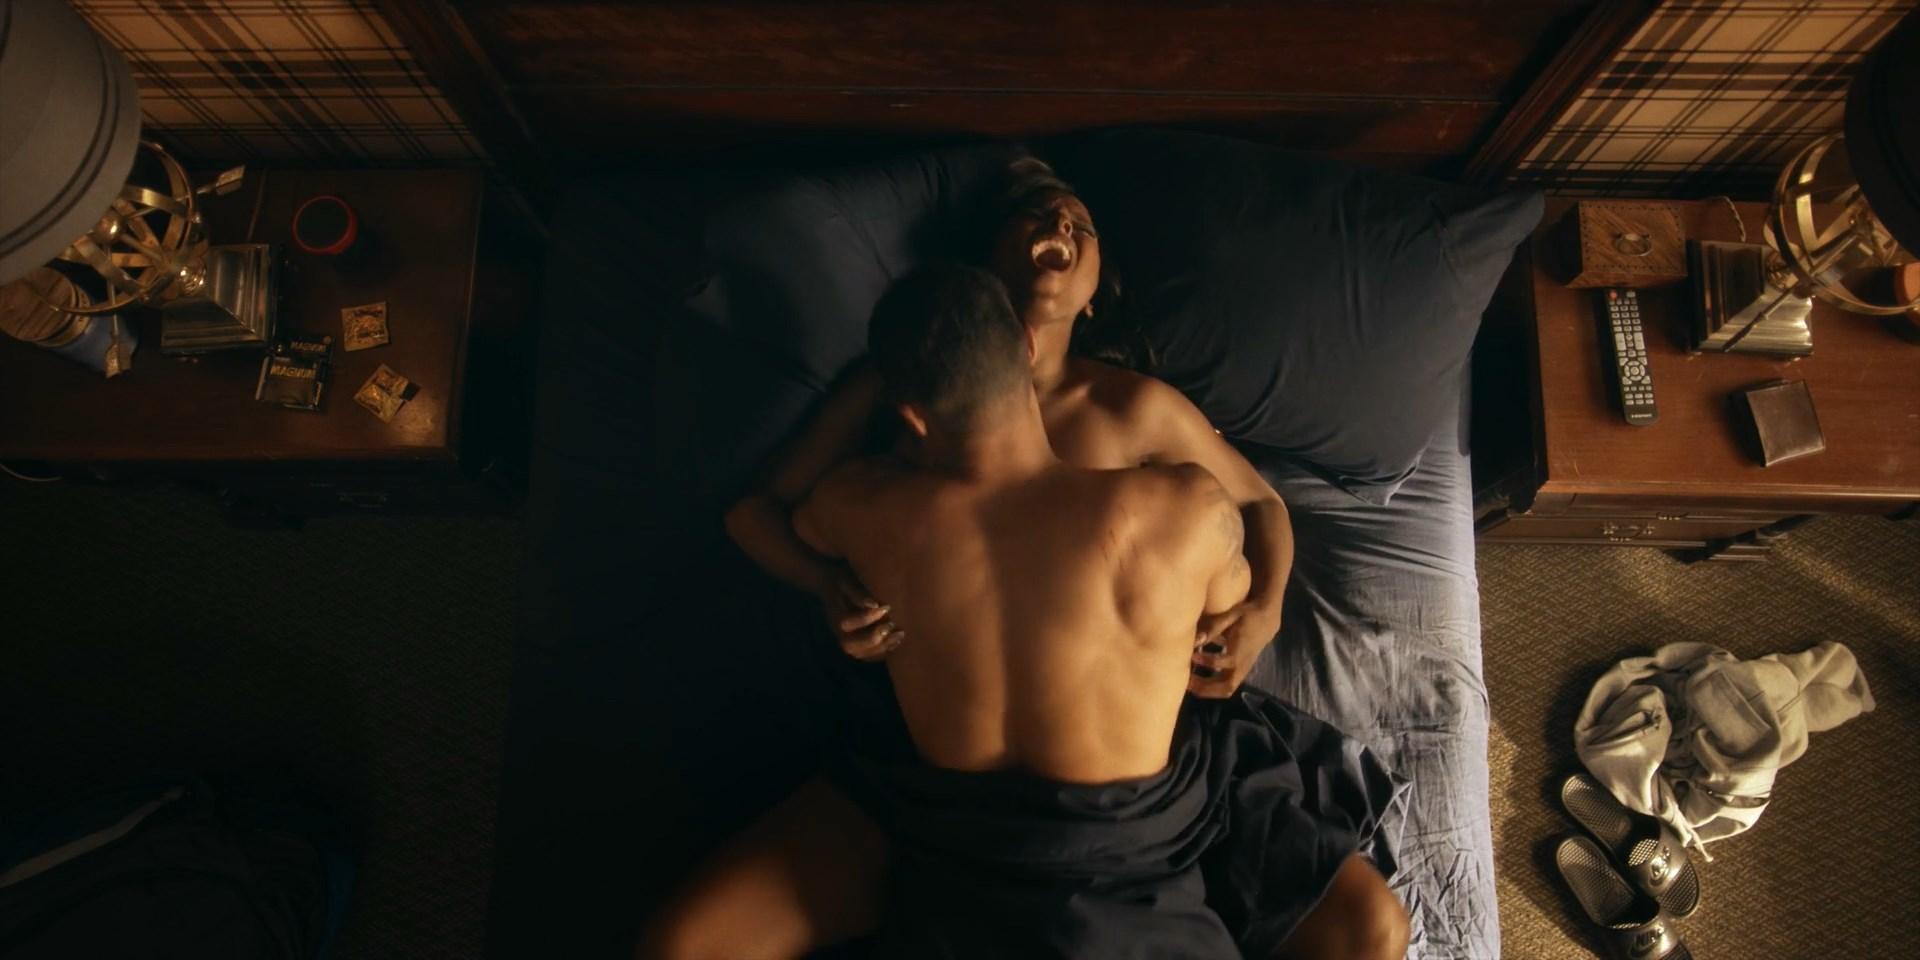 Nia long sex scene